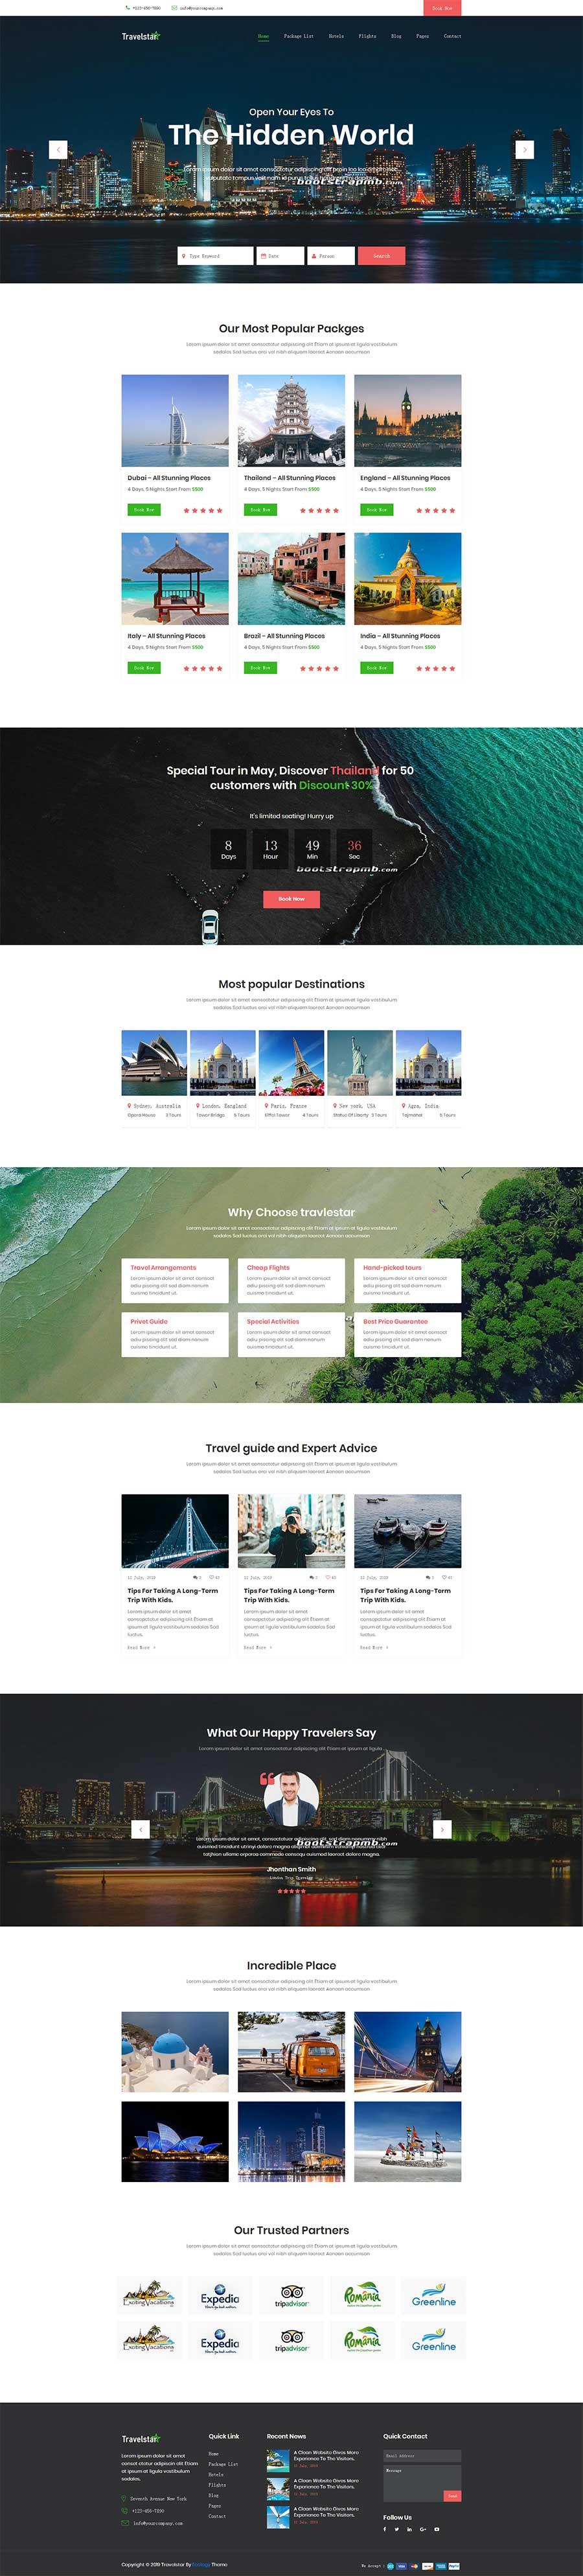 大气宽屏Bootstrap响应式旅游服务平台网站模板